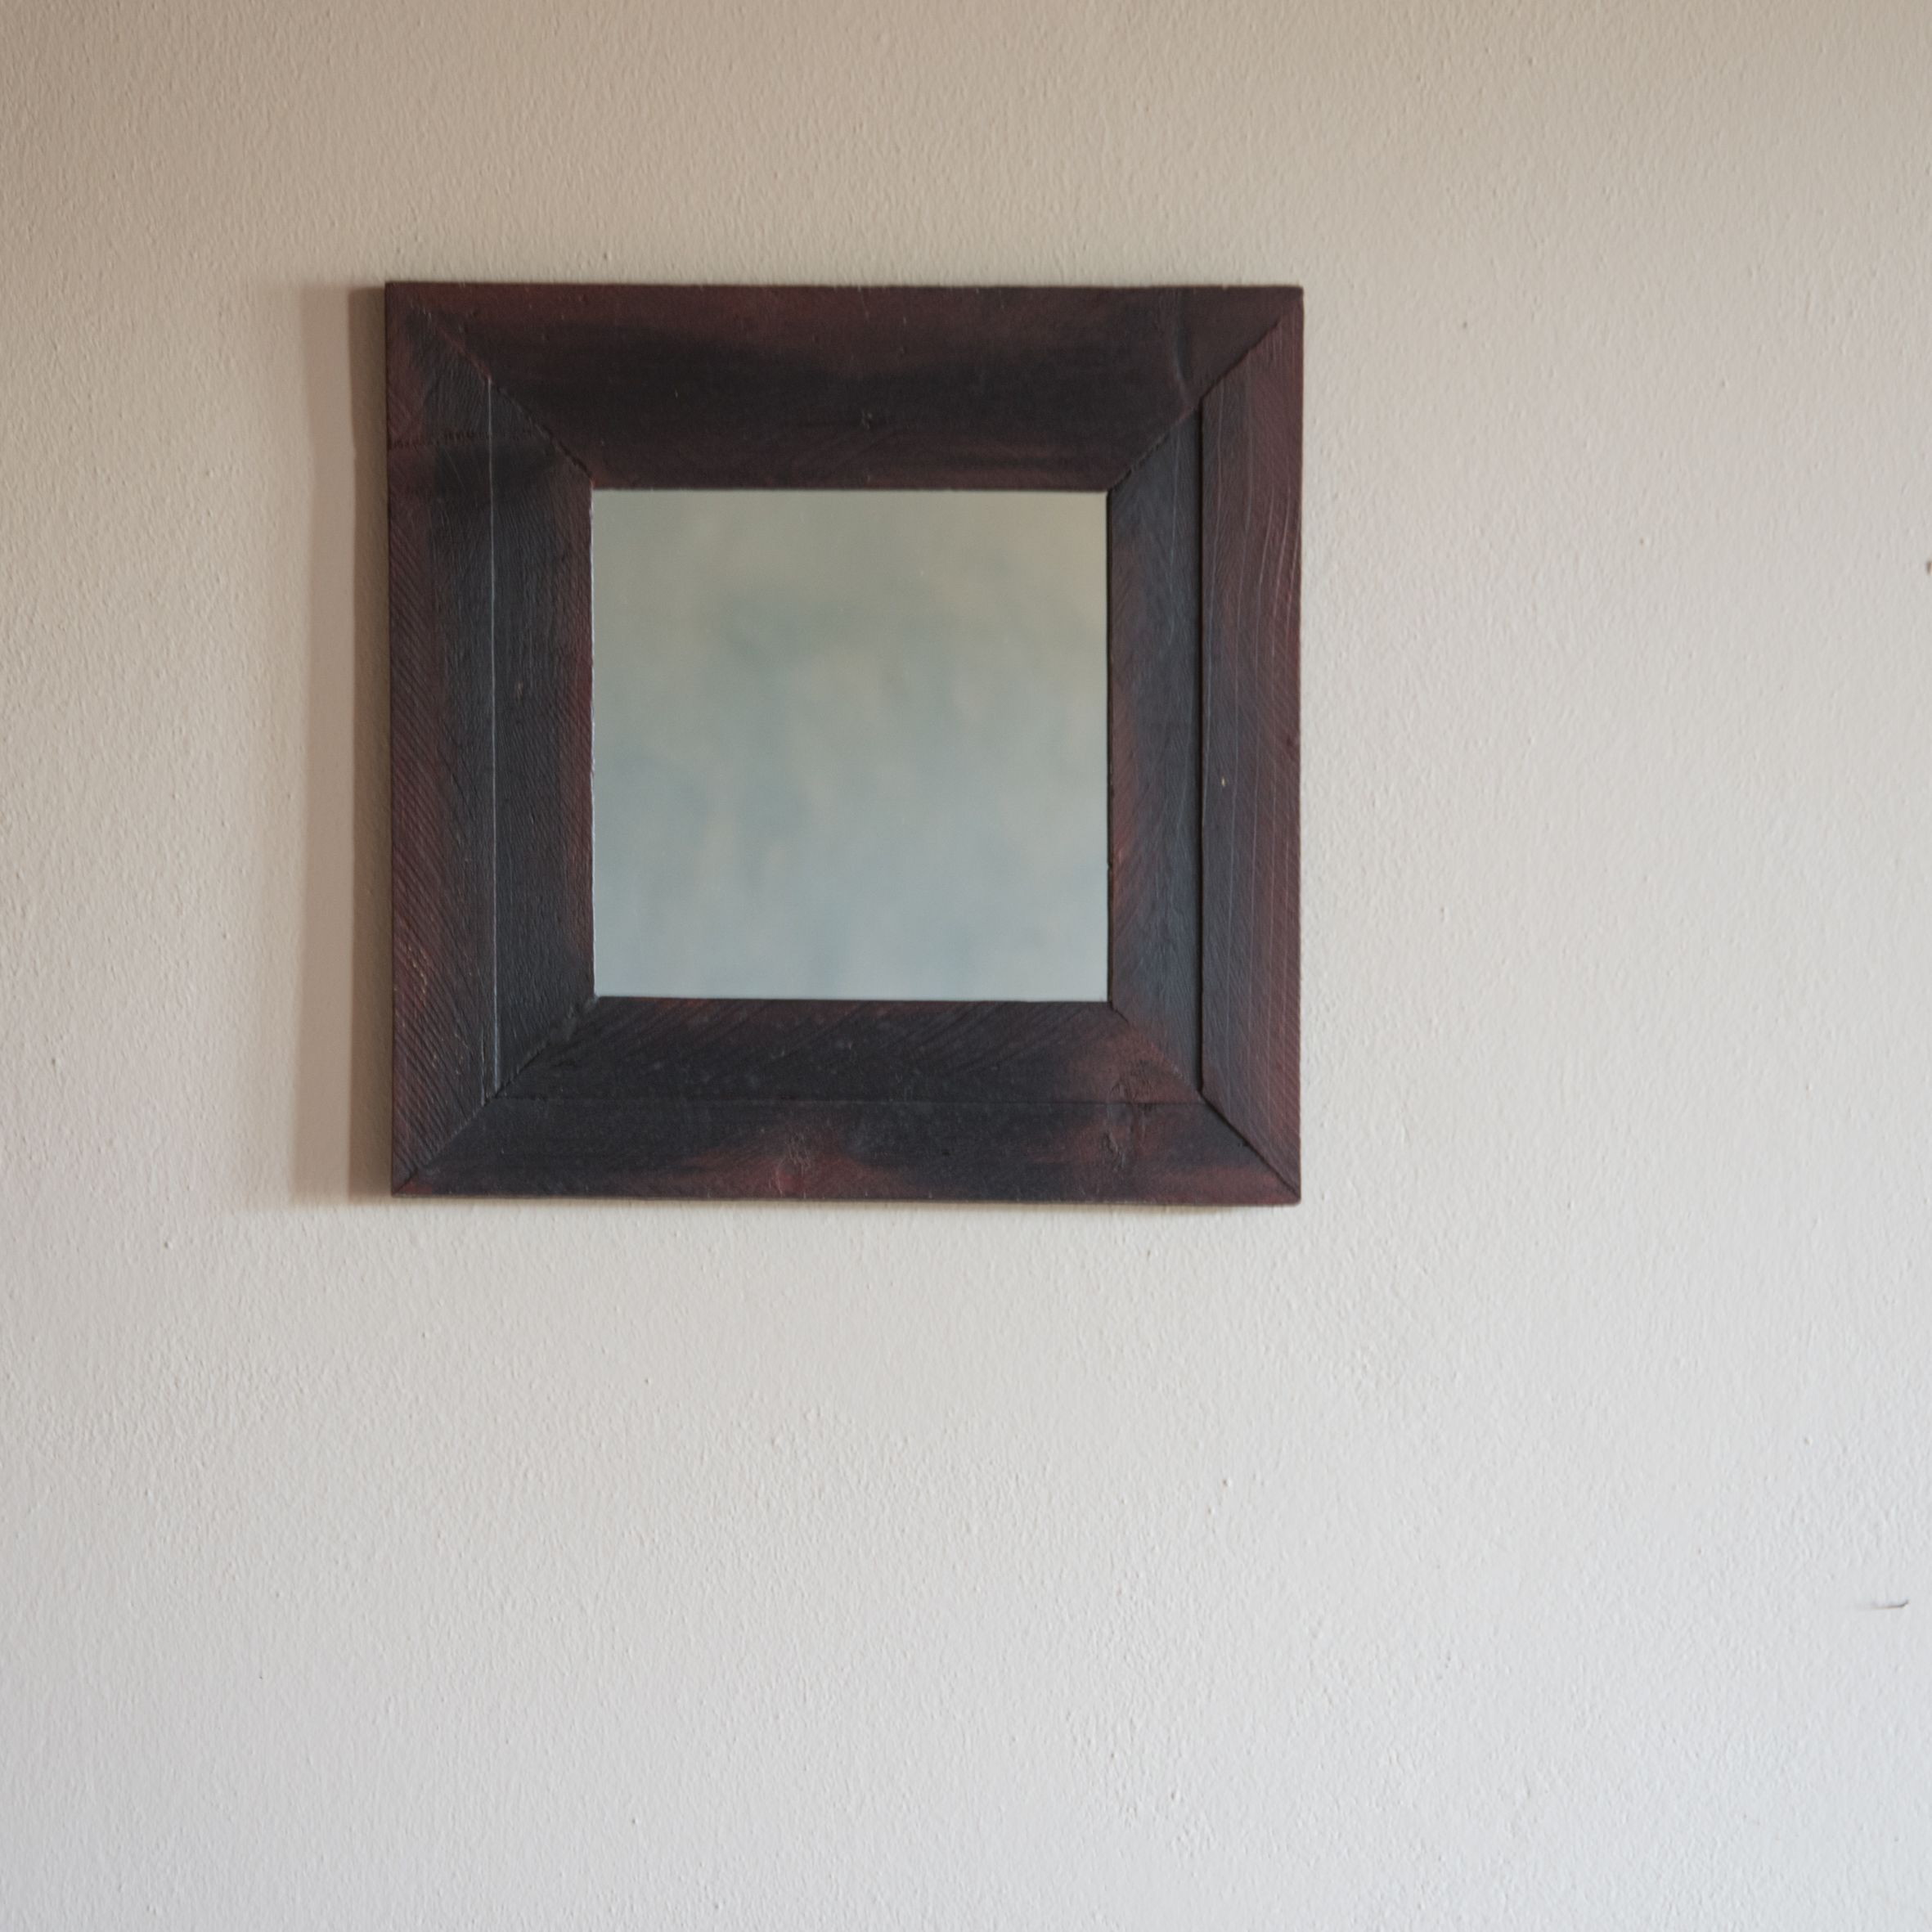 Specchio no.03 in legno di recupero ristrutturato nero/antracite